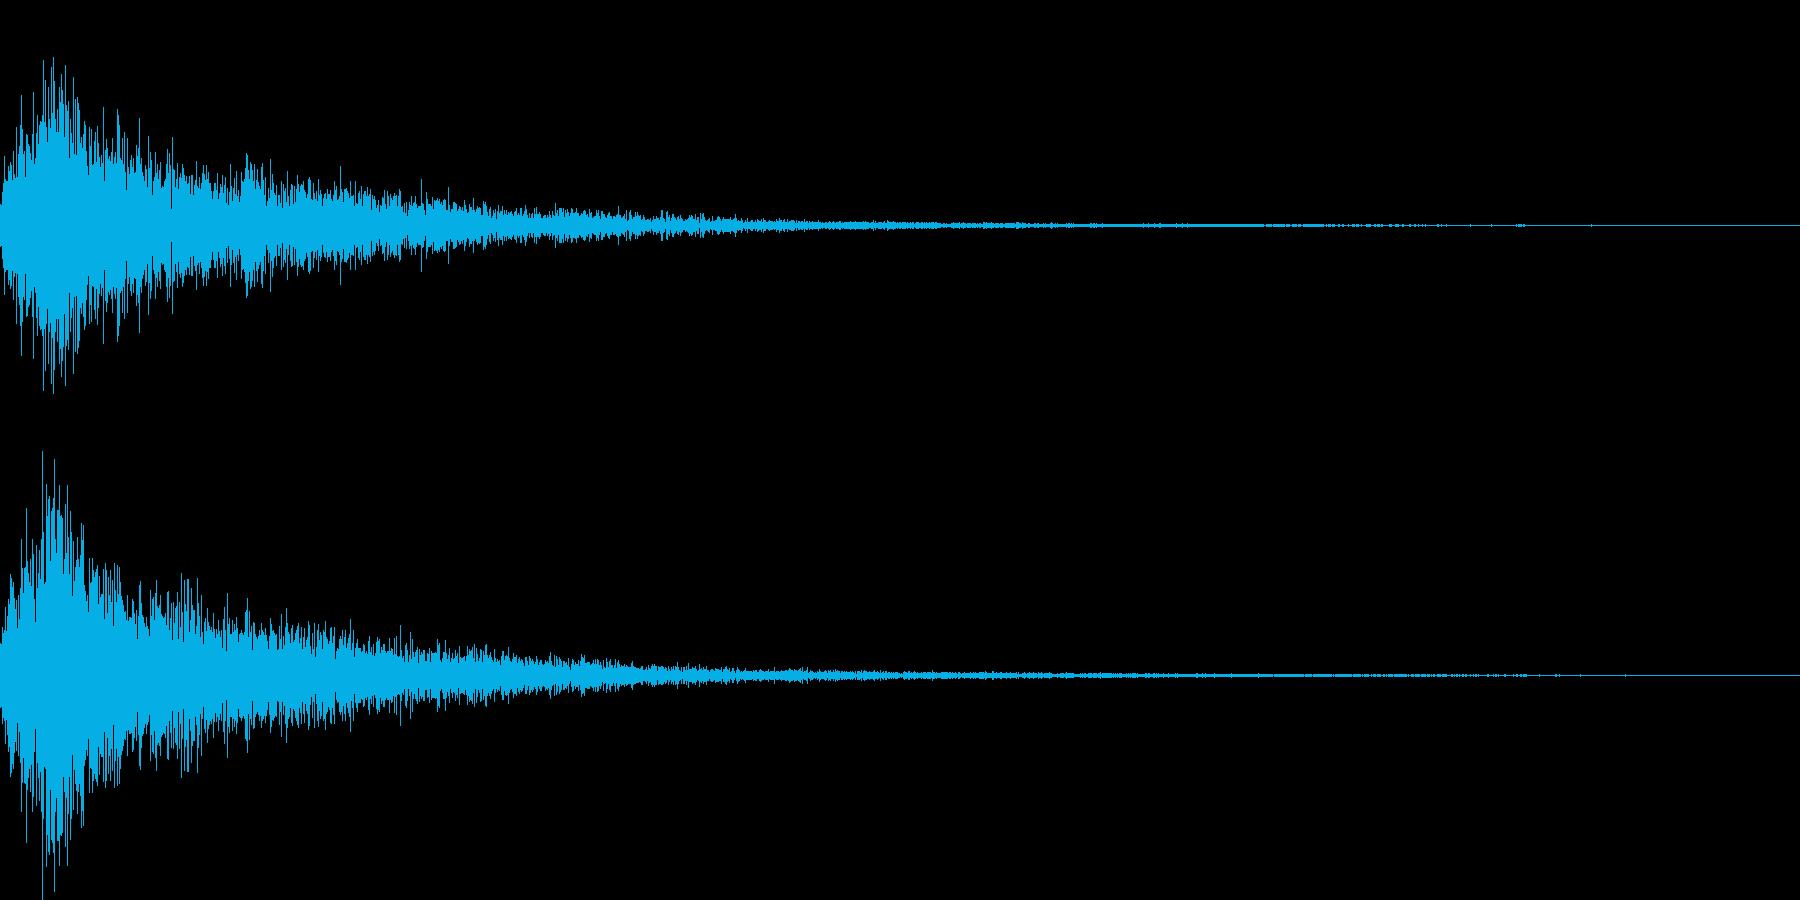 ジャン(オーケストラヒット高めクラシックの再生済みの波形